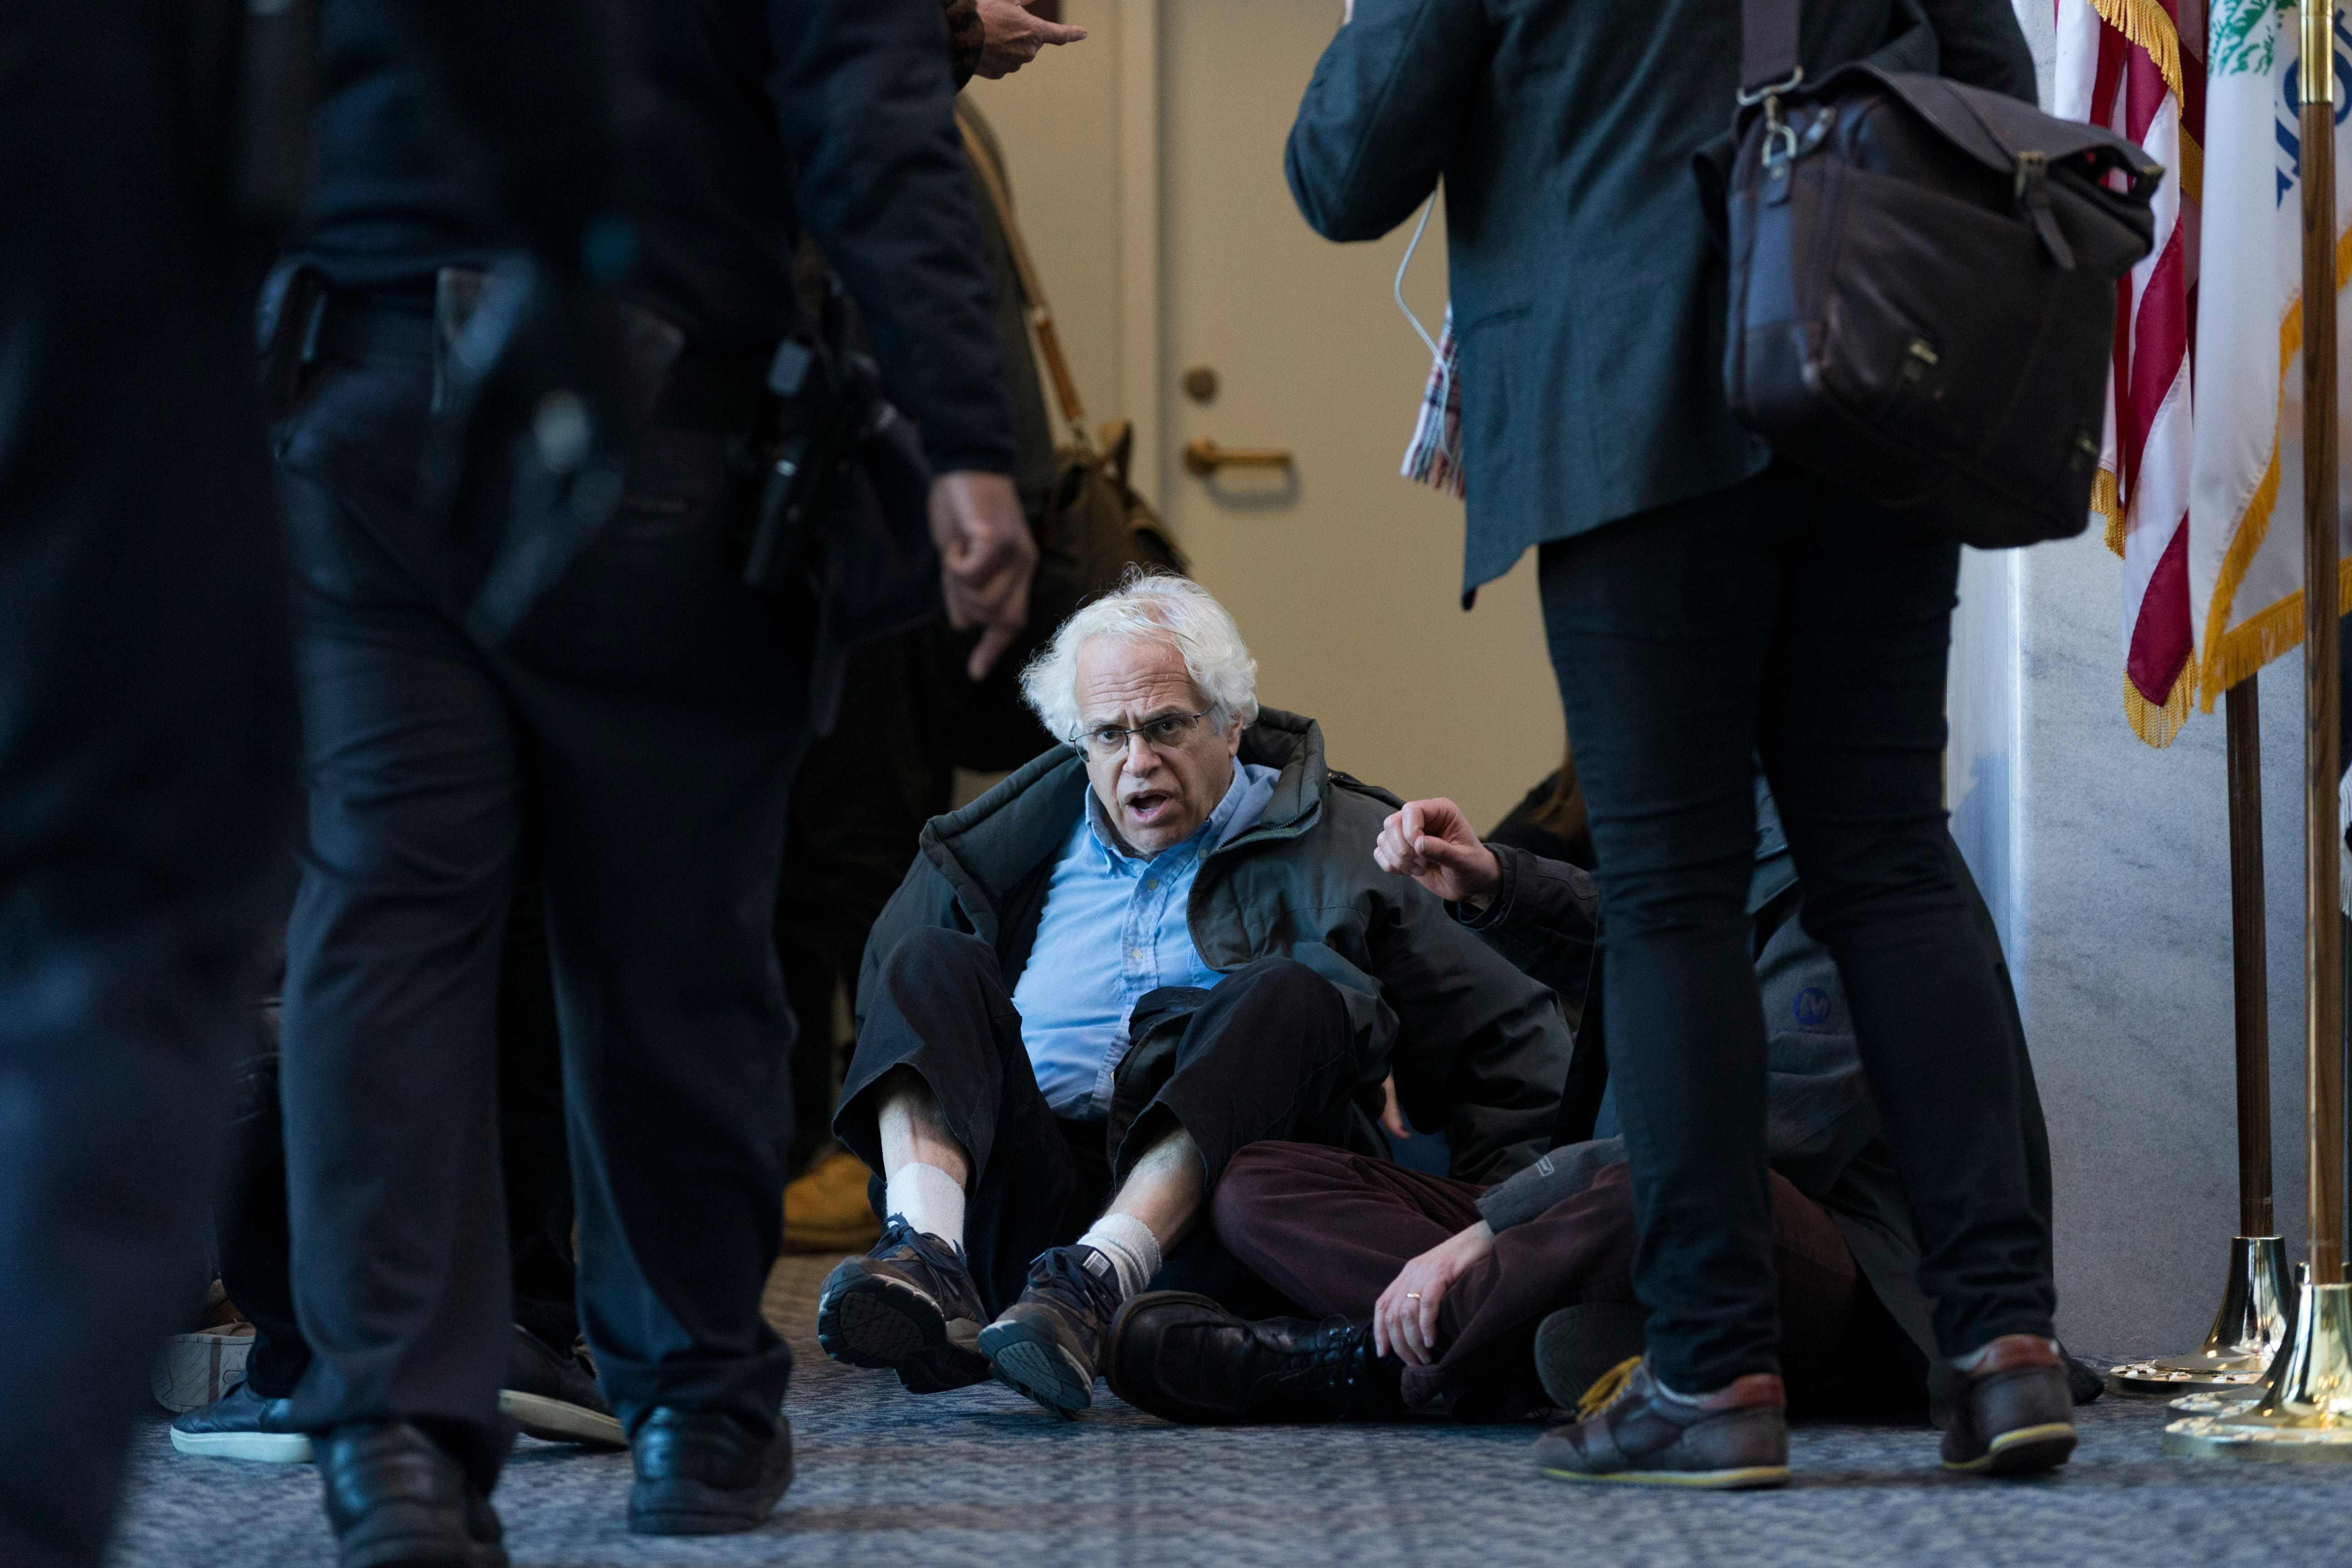 أحد المعتصمين داخل الكونجرس